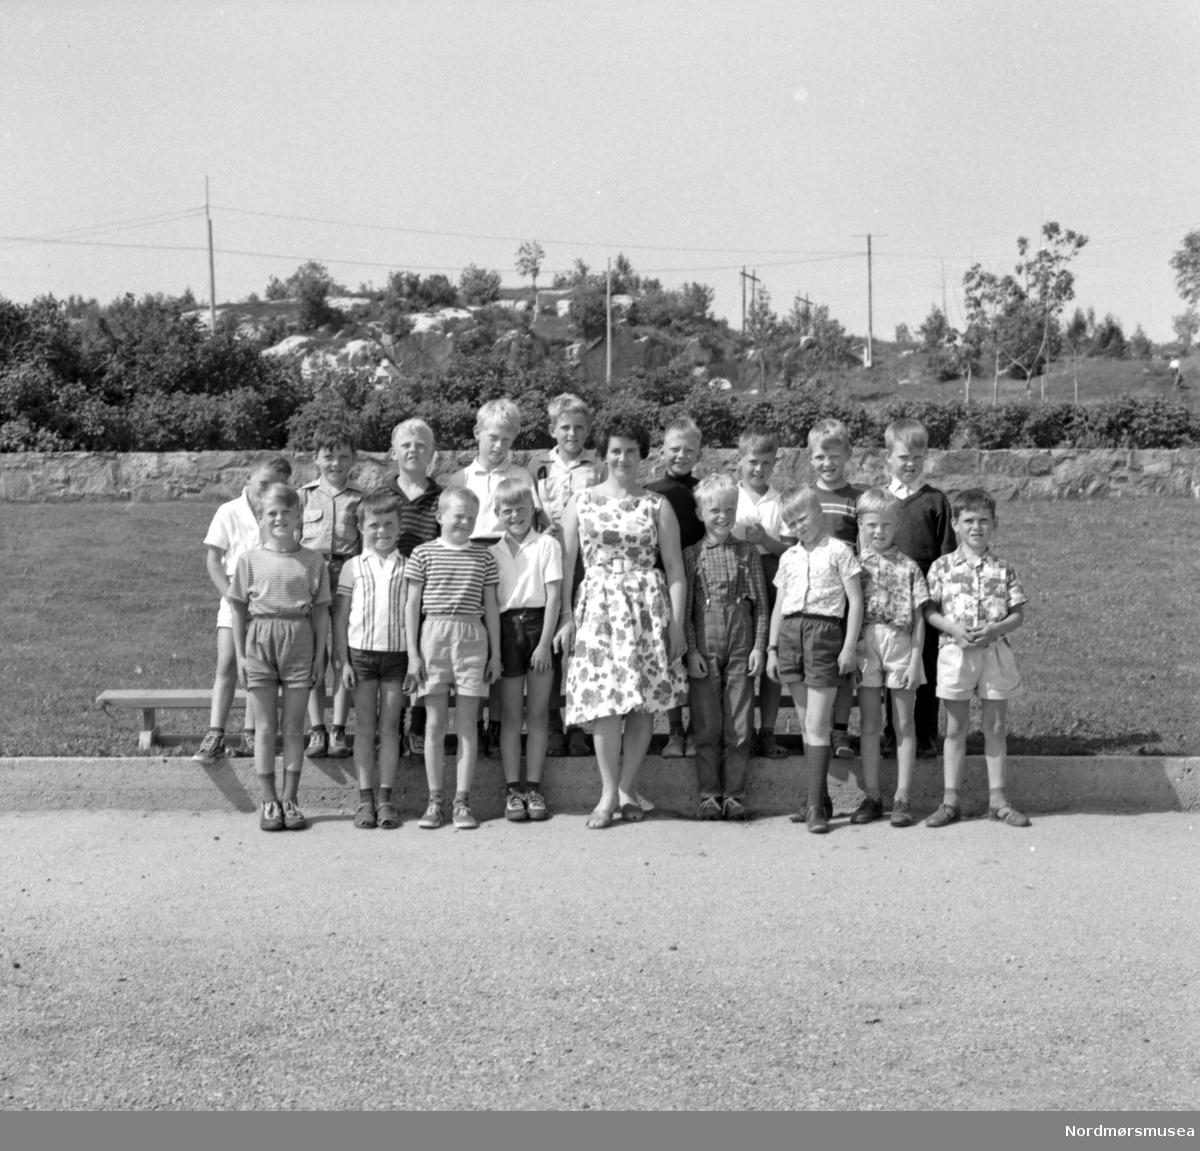 Dette er ikke 1.klasse, men heller 2.  Vi hadde Magnhild Halse som lærer fra 2. til 6. klasse. (Info:  John Arne Røsand)  - Gruppefoto av en klasse ved Nordlandet skole 1966. Fotograf er Nils Williams. Fra Nordmøre museums fotosamlinger.